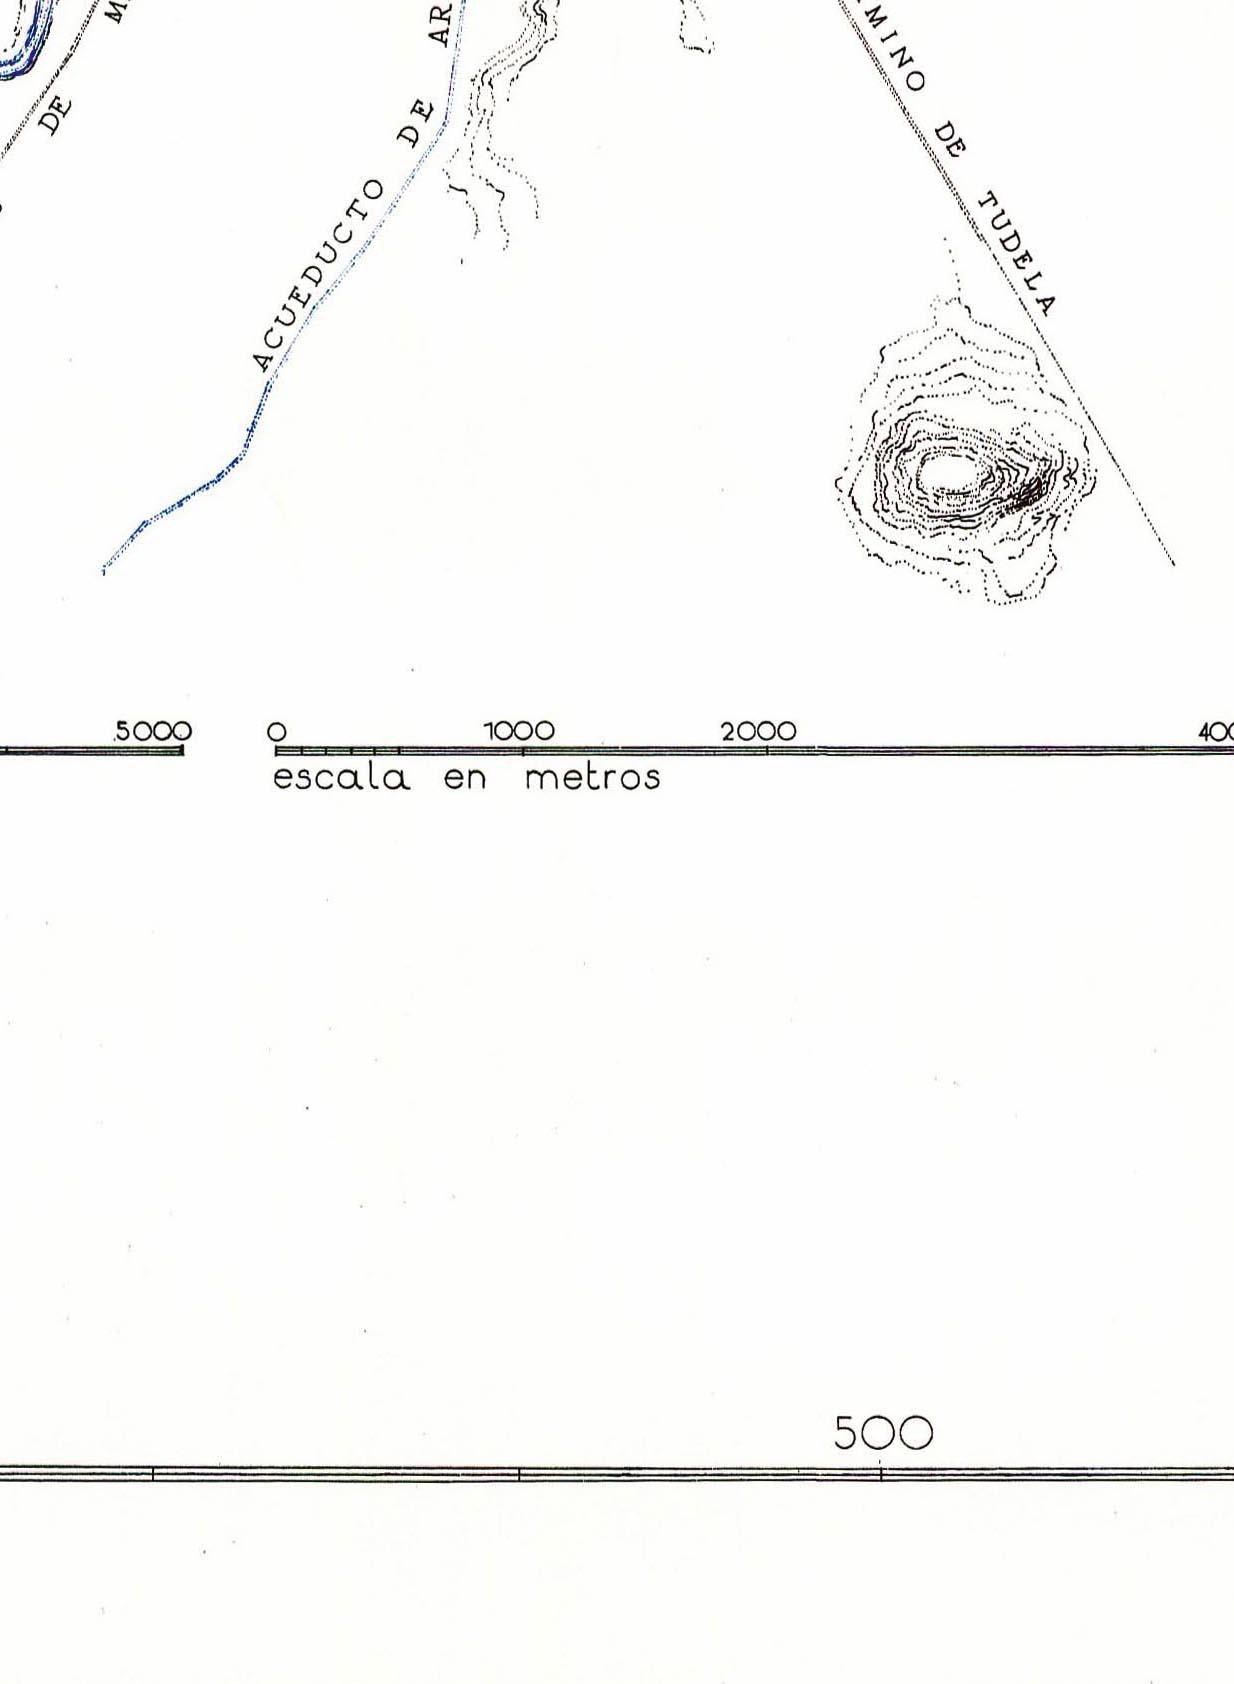 danielvillalobos-valladolid-blueprints-renaissance-j.7